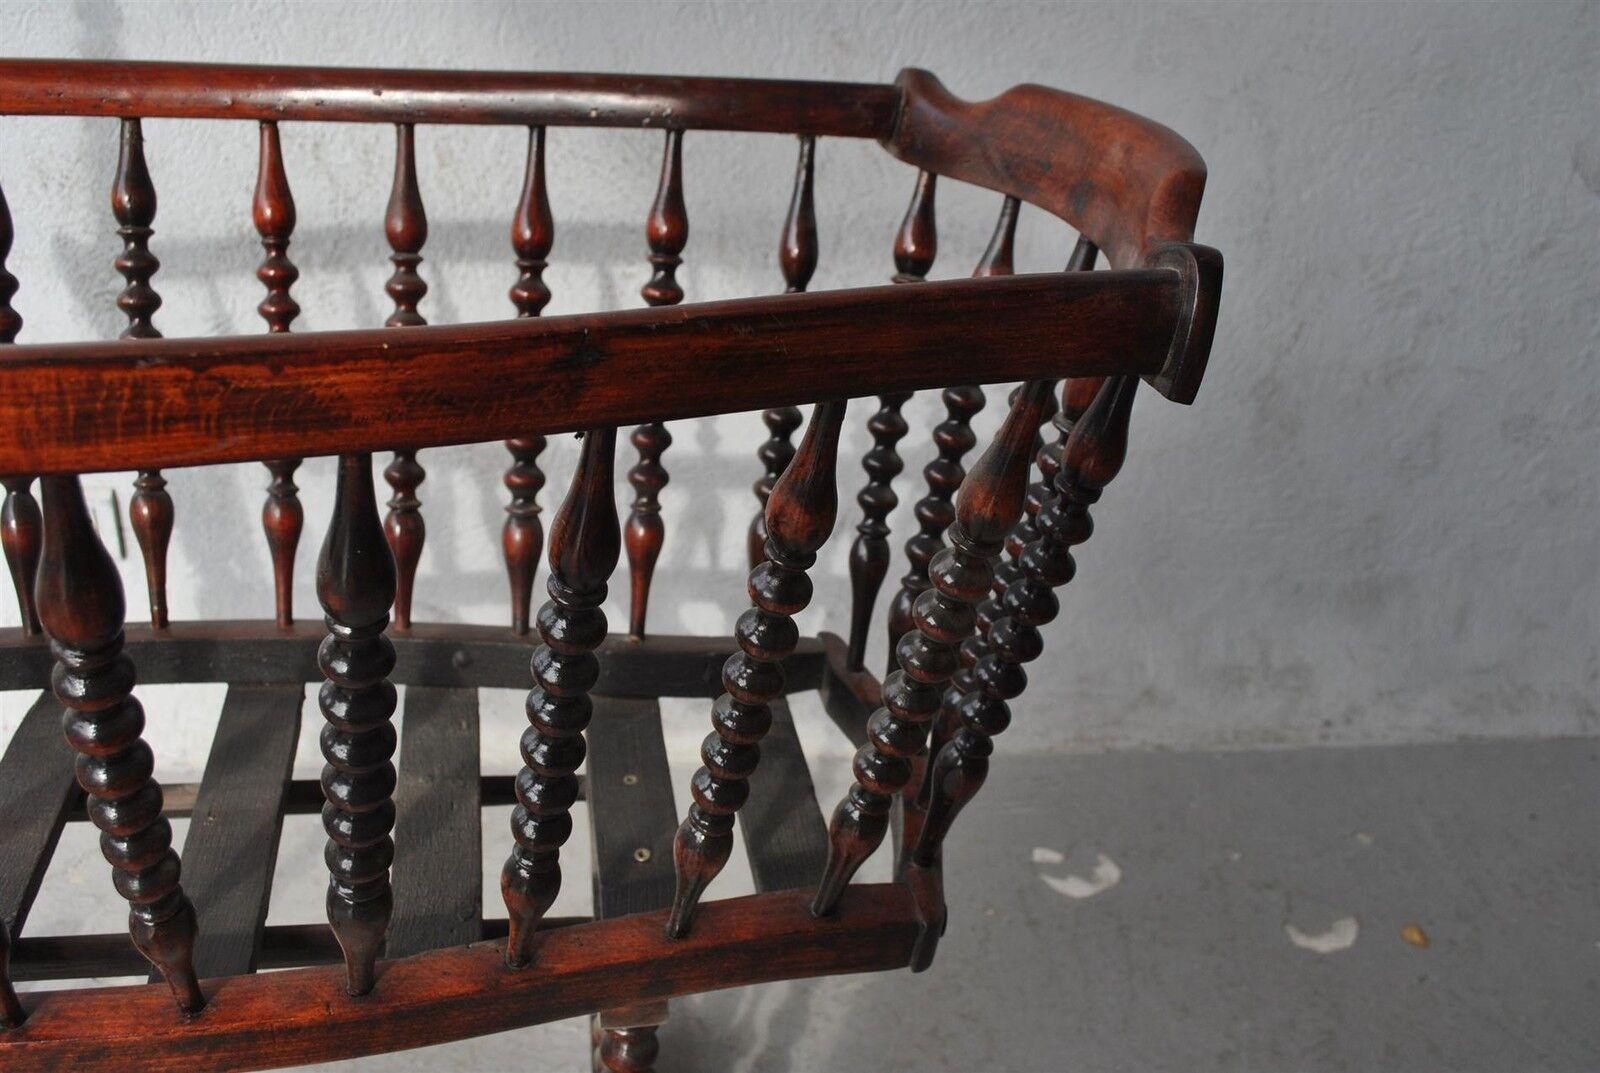 berceau ancien en bois exotique teint acajou eur 700 00 picclick fr. Black Bedroom Furniture Sets. Home Design Ideas